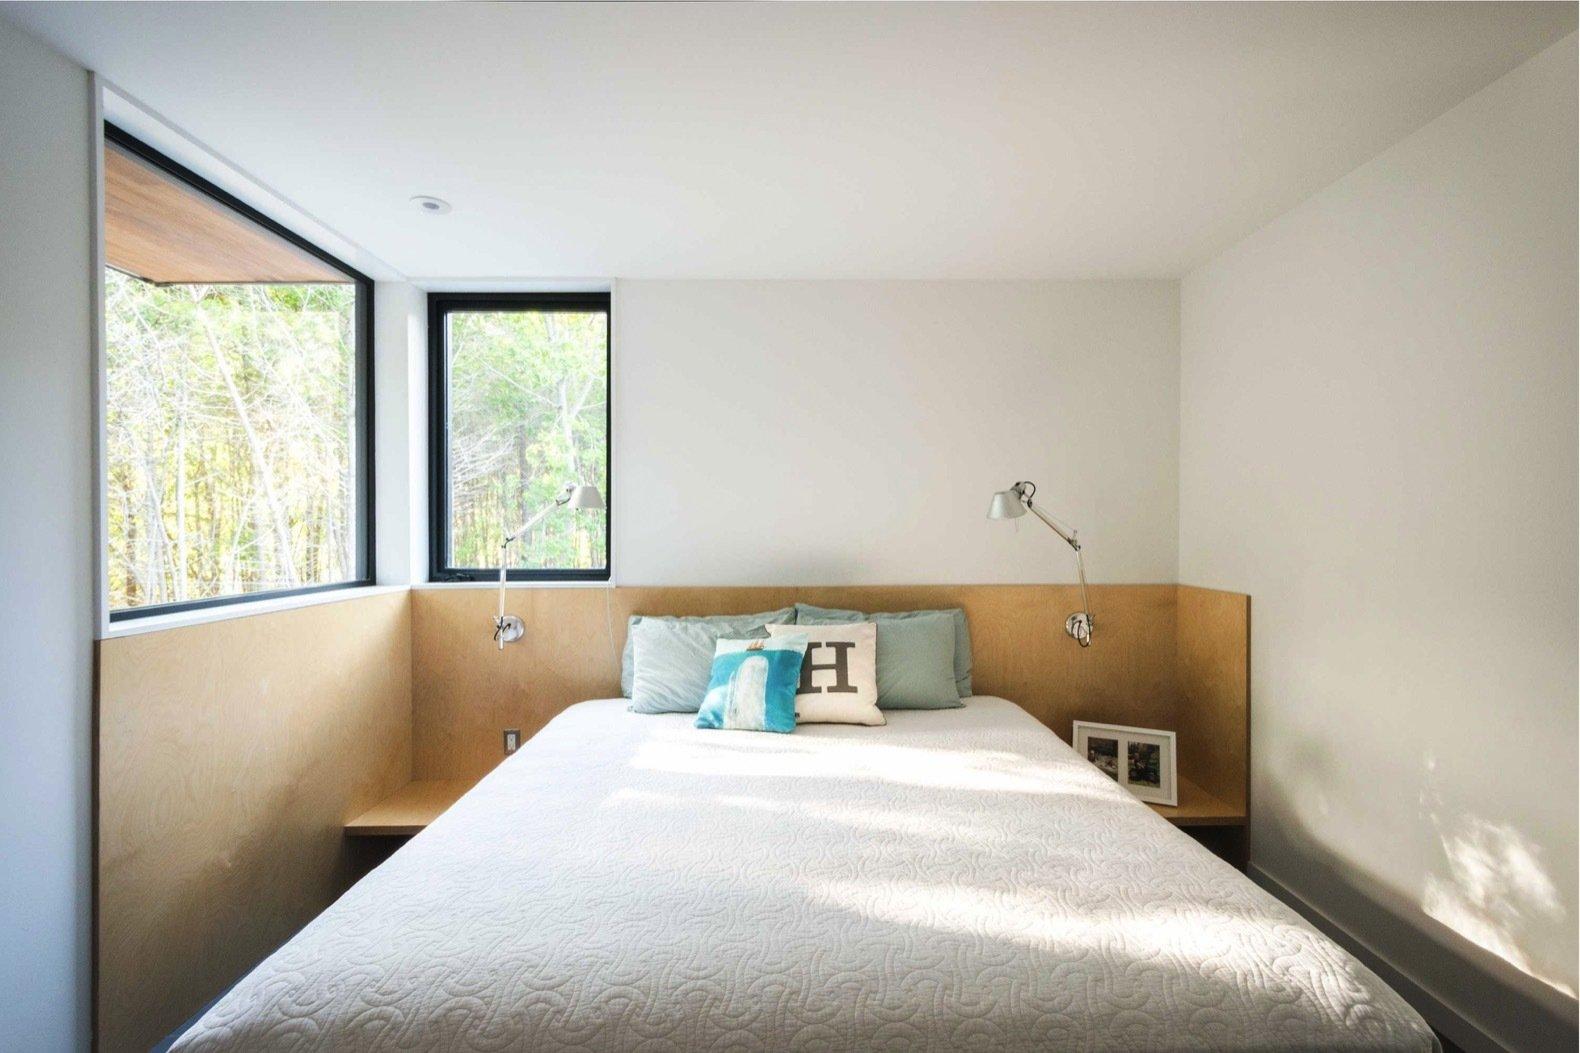 North Fork Bay House bedroom